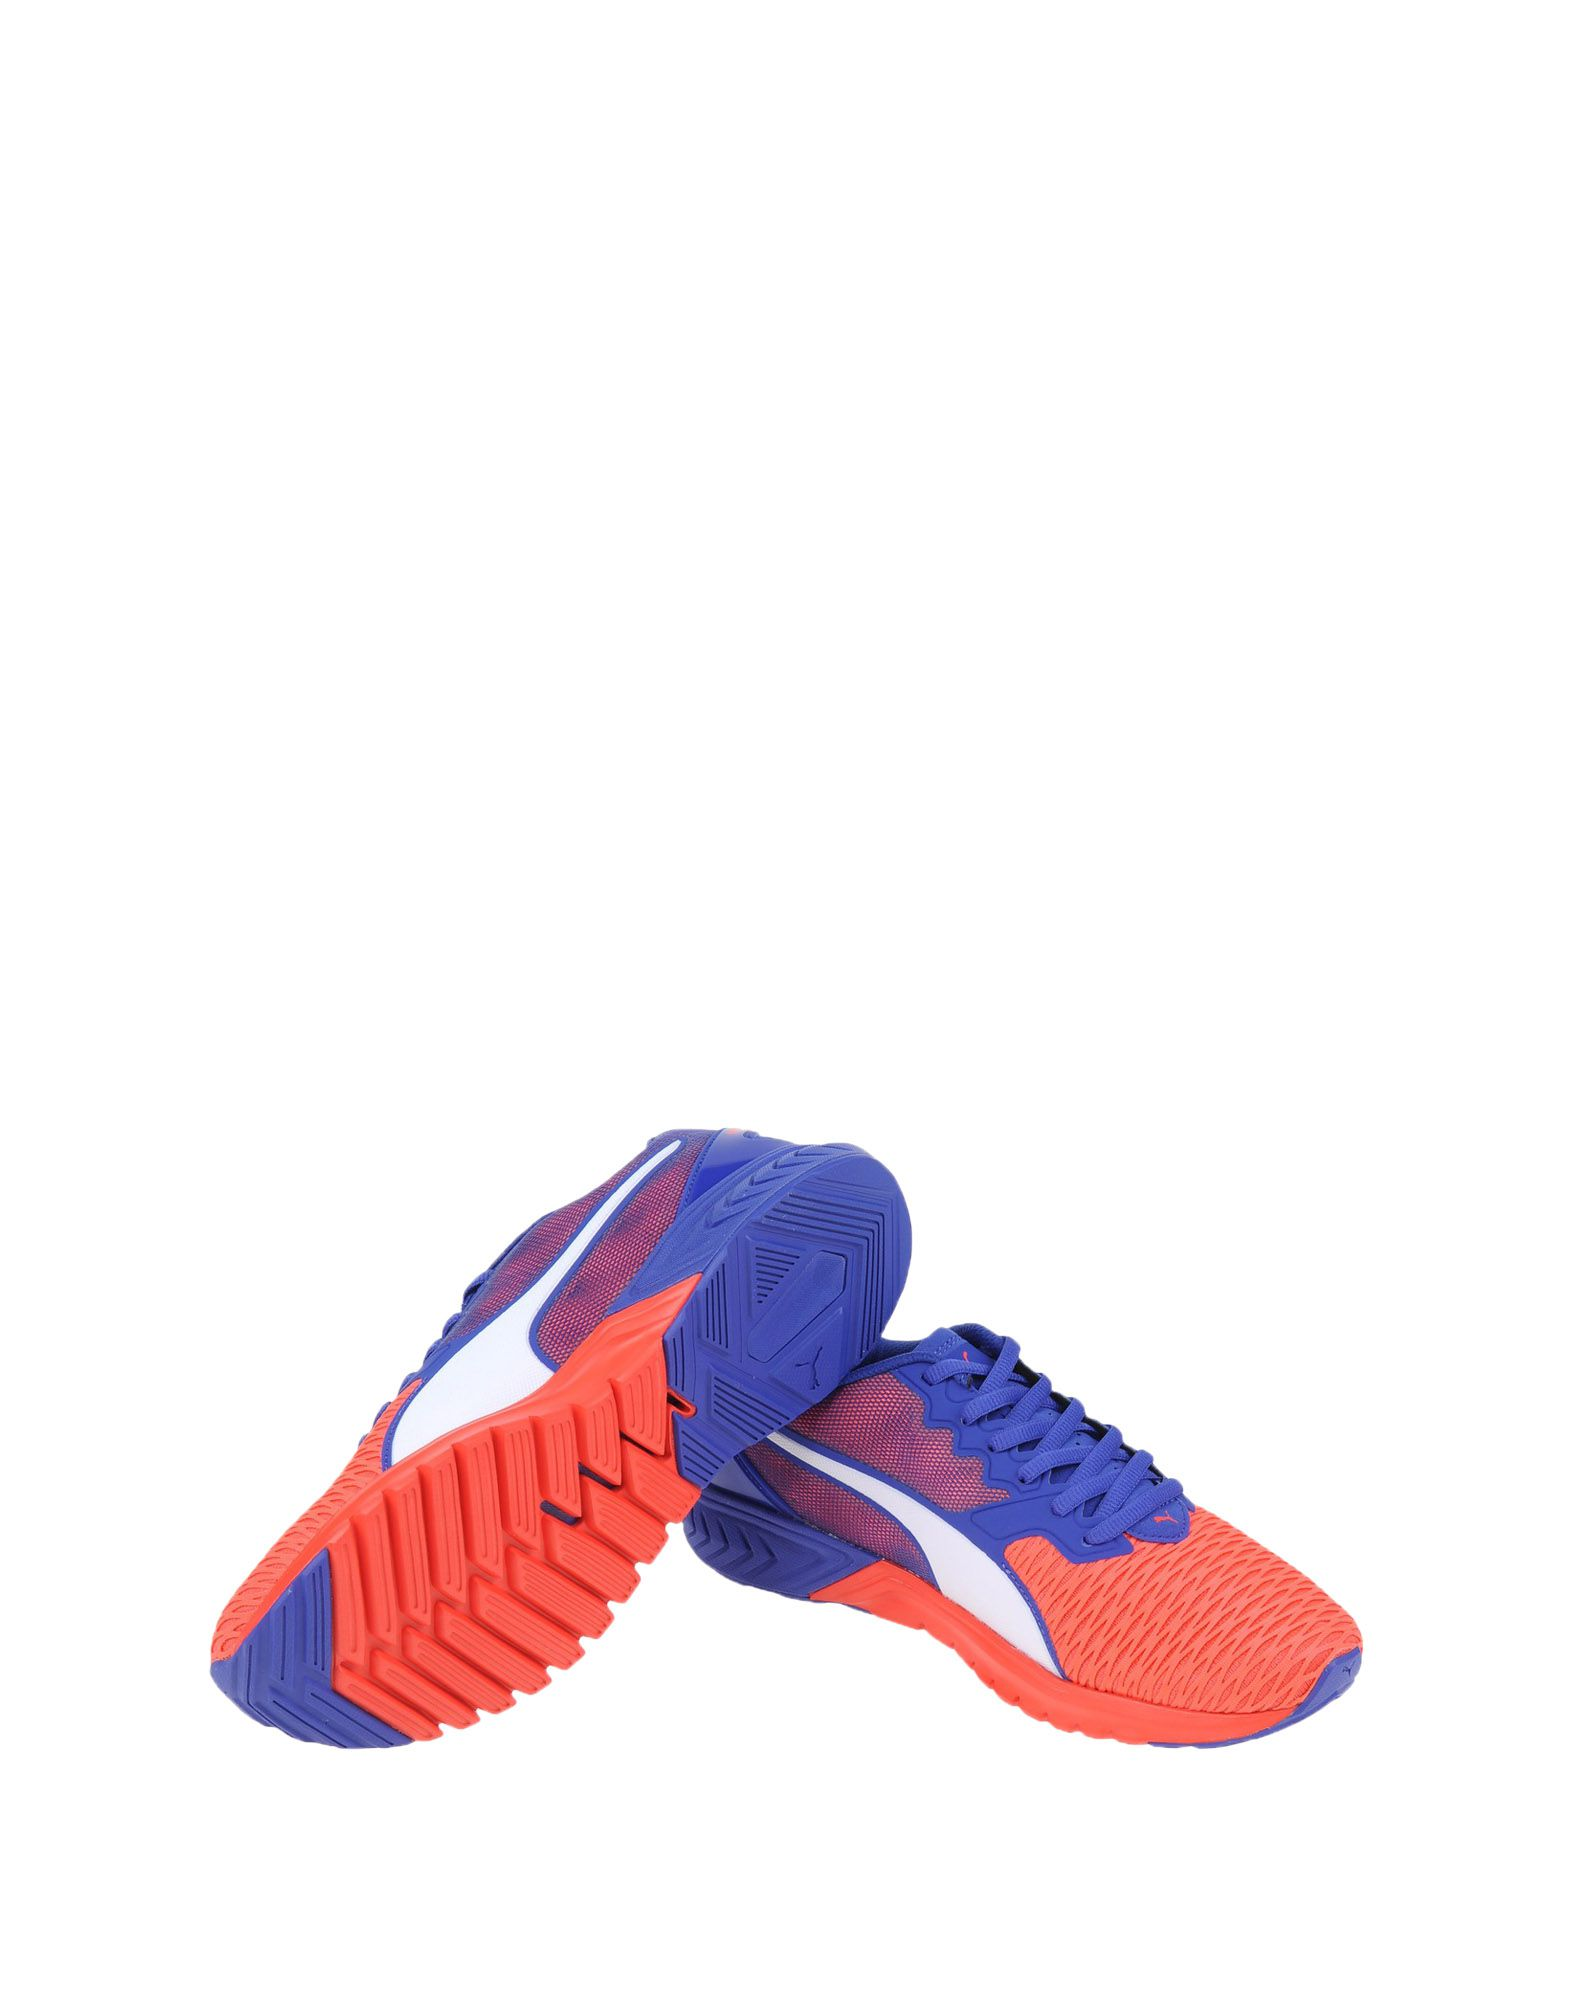 Puma 11093205RL Ignite Dual Wn's  11093205RL Puma Gute Qualität beliebte Schuhe e5a3b4